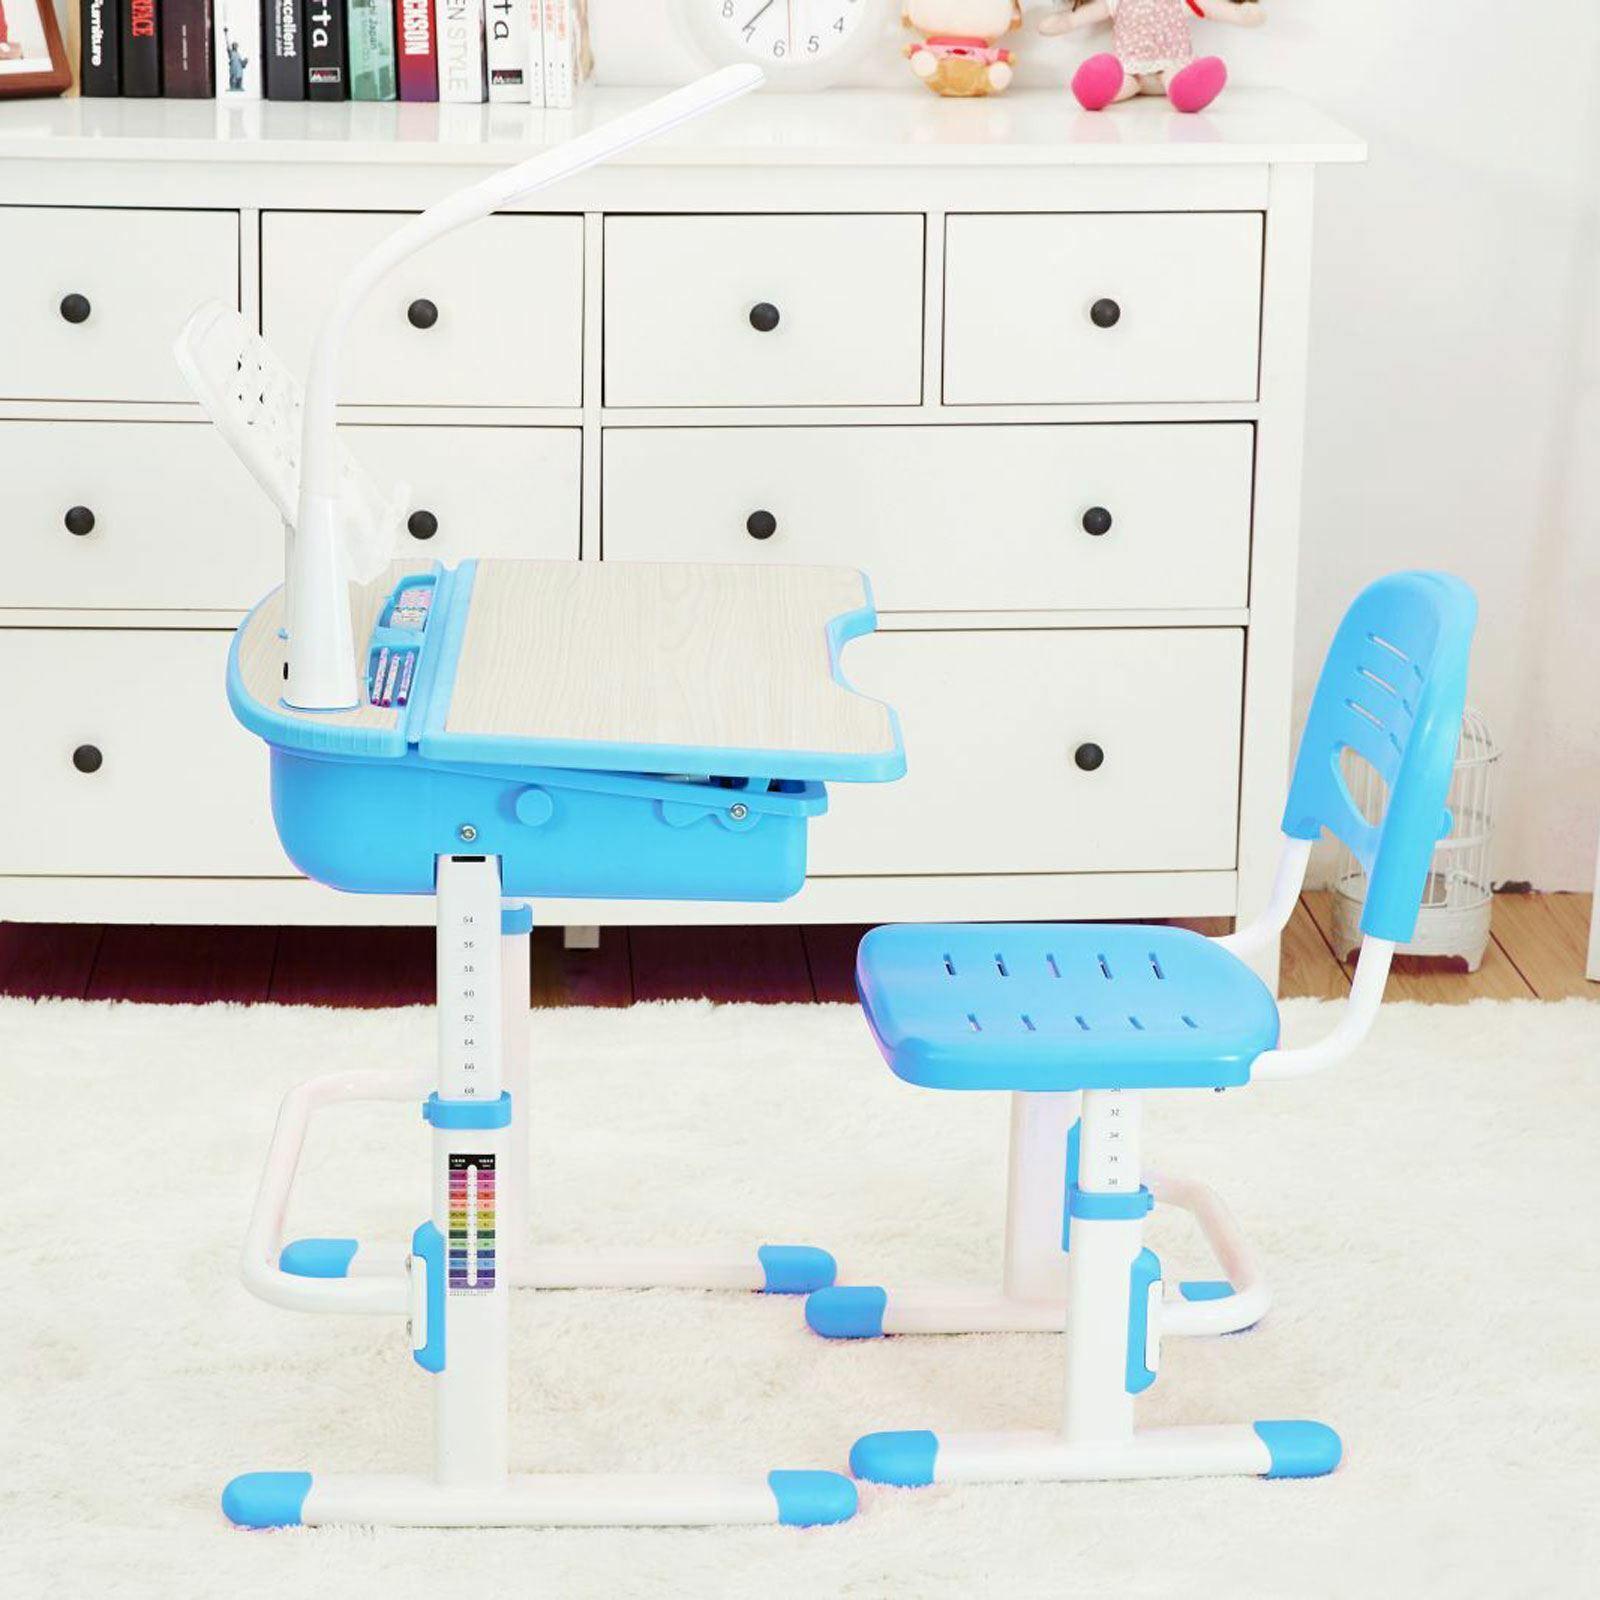 Ergonomic Bureau et Chaise - Bleu - Meubles Enfants Devoirs Gratuit + P